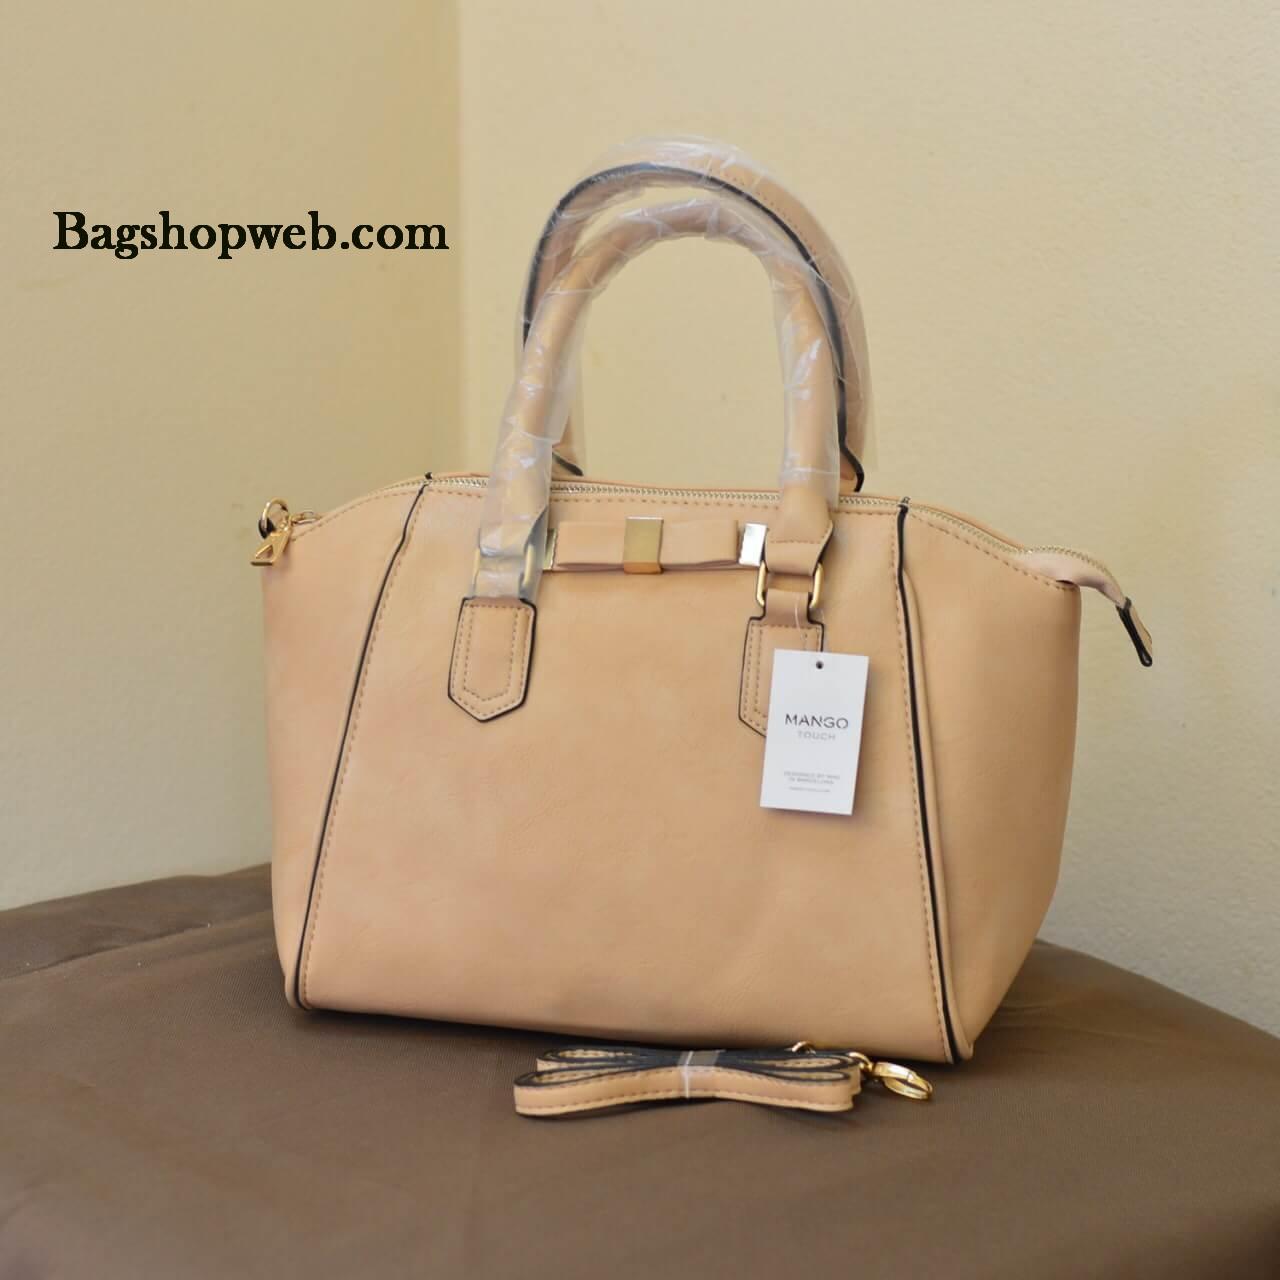 กระเป๋า MANGO BOW TOTE BAG กระเป๋าถือหรือคล้องแขน สะพายไหล่ ออกแบบได้โค้งมน ลงตัวมากค่ะ ซิปอะไหล่ทอง แข็งแรงหรูหรา ใบนี้โอมากค่ะ